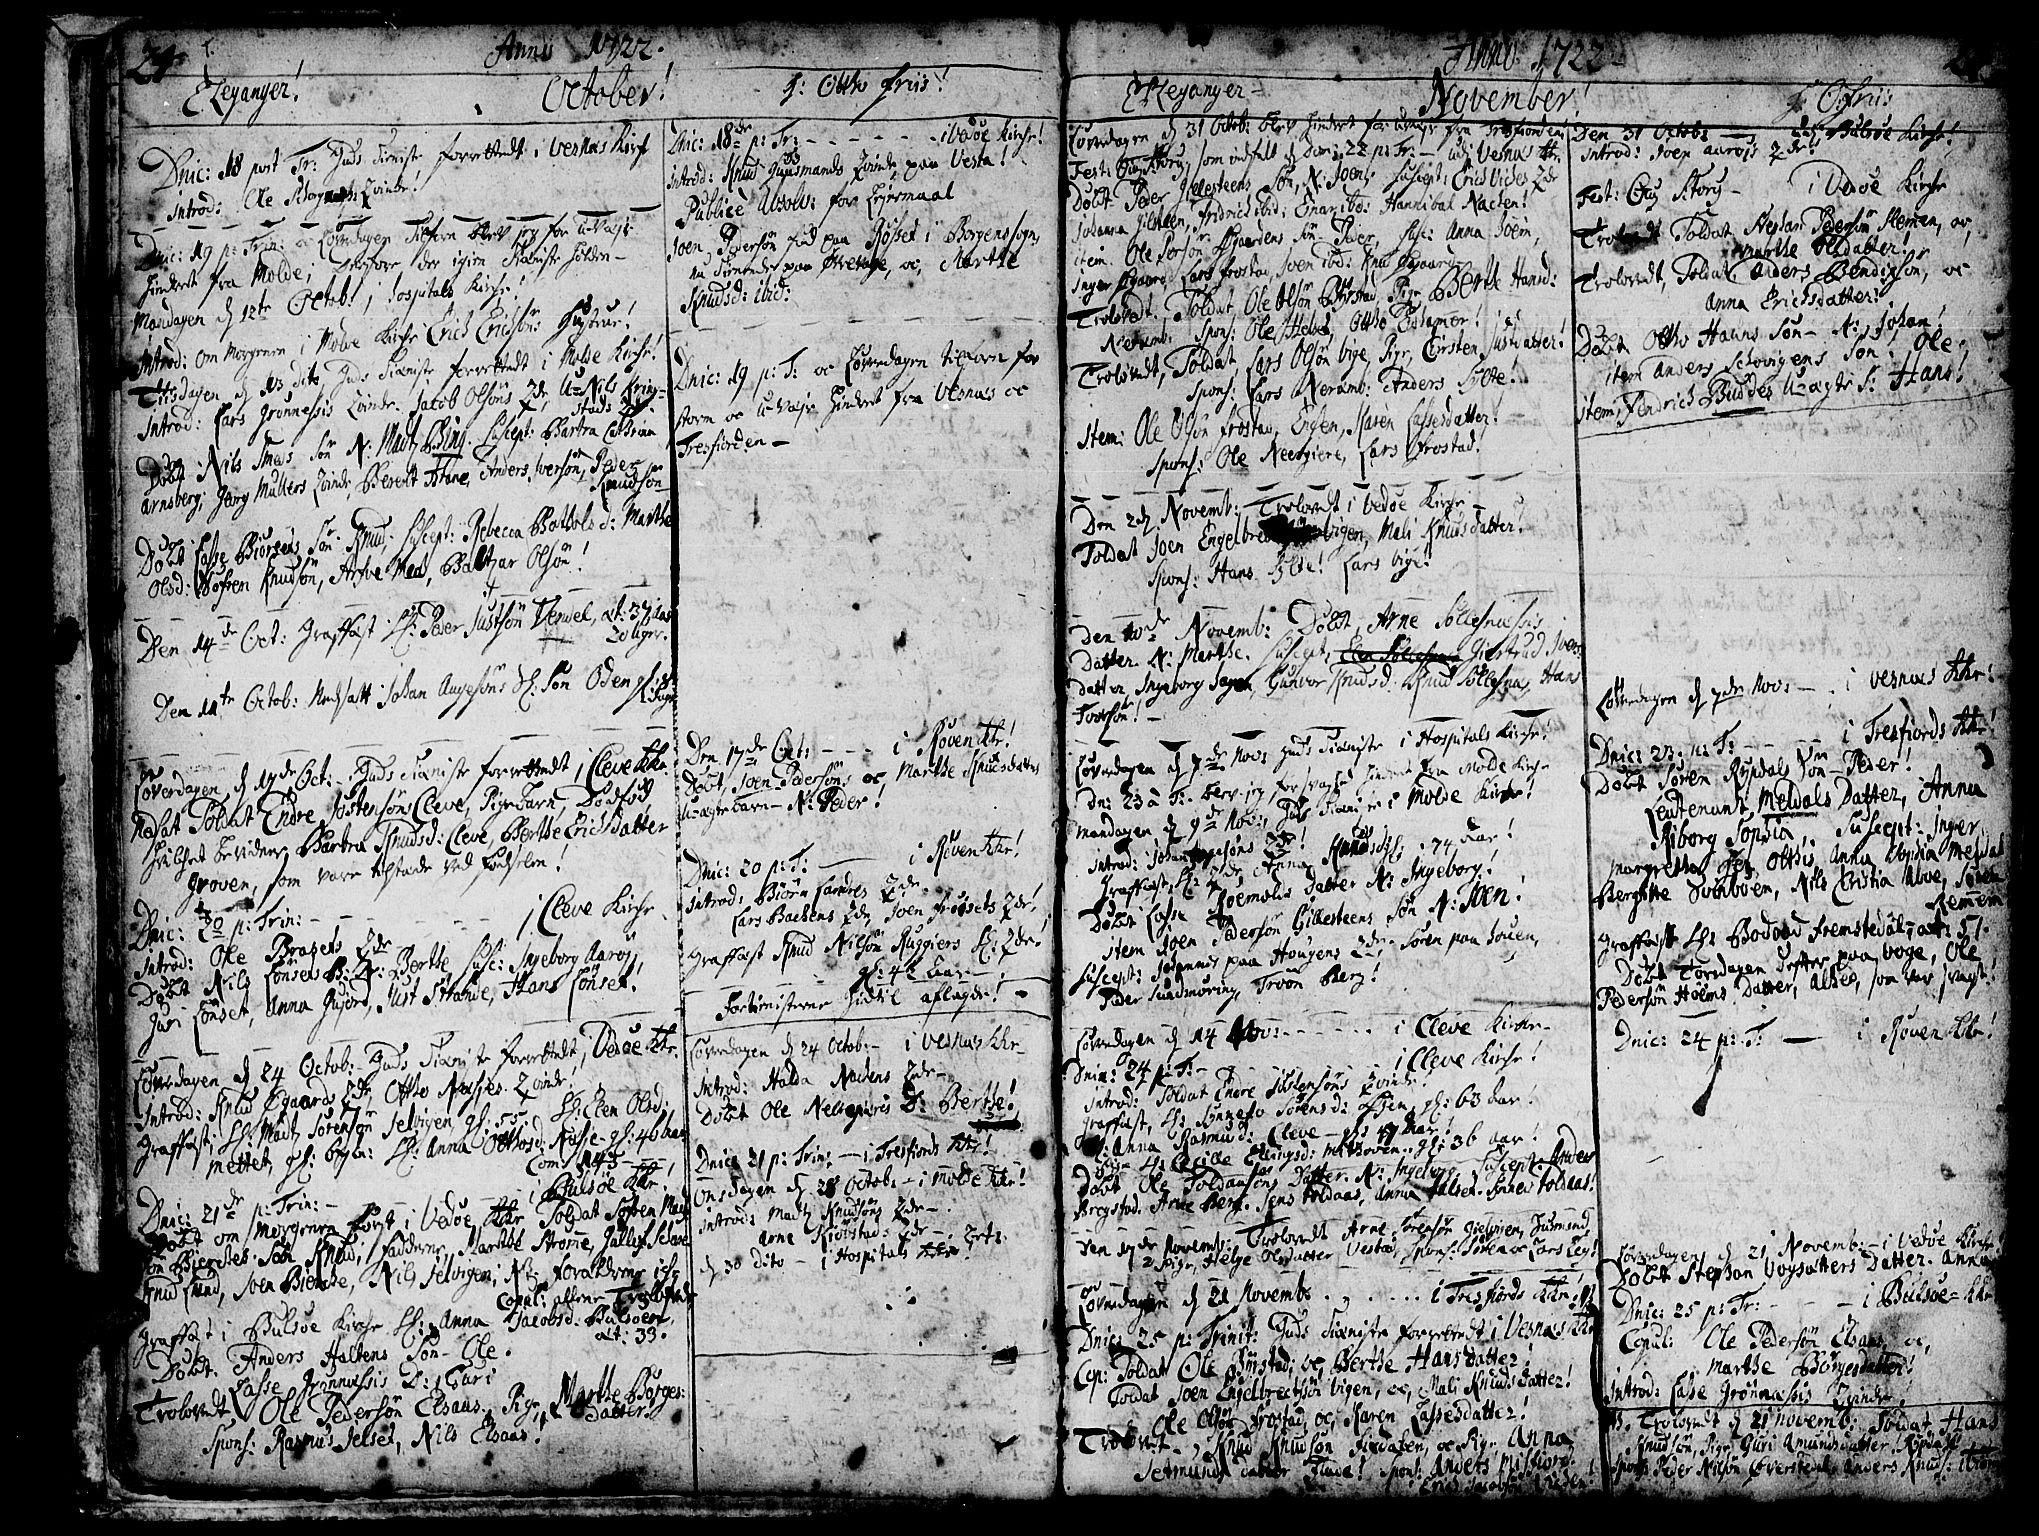 SAT, Ministerialprotokoller, klokkerbøker og fødselsregistre - Møre og Romsdal, 547/L0599: Ministerialbok nr. 547A01, 1721-1764, s. 24-25